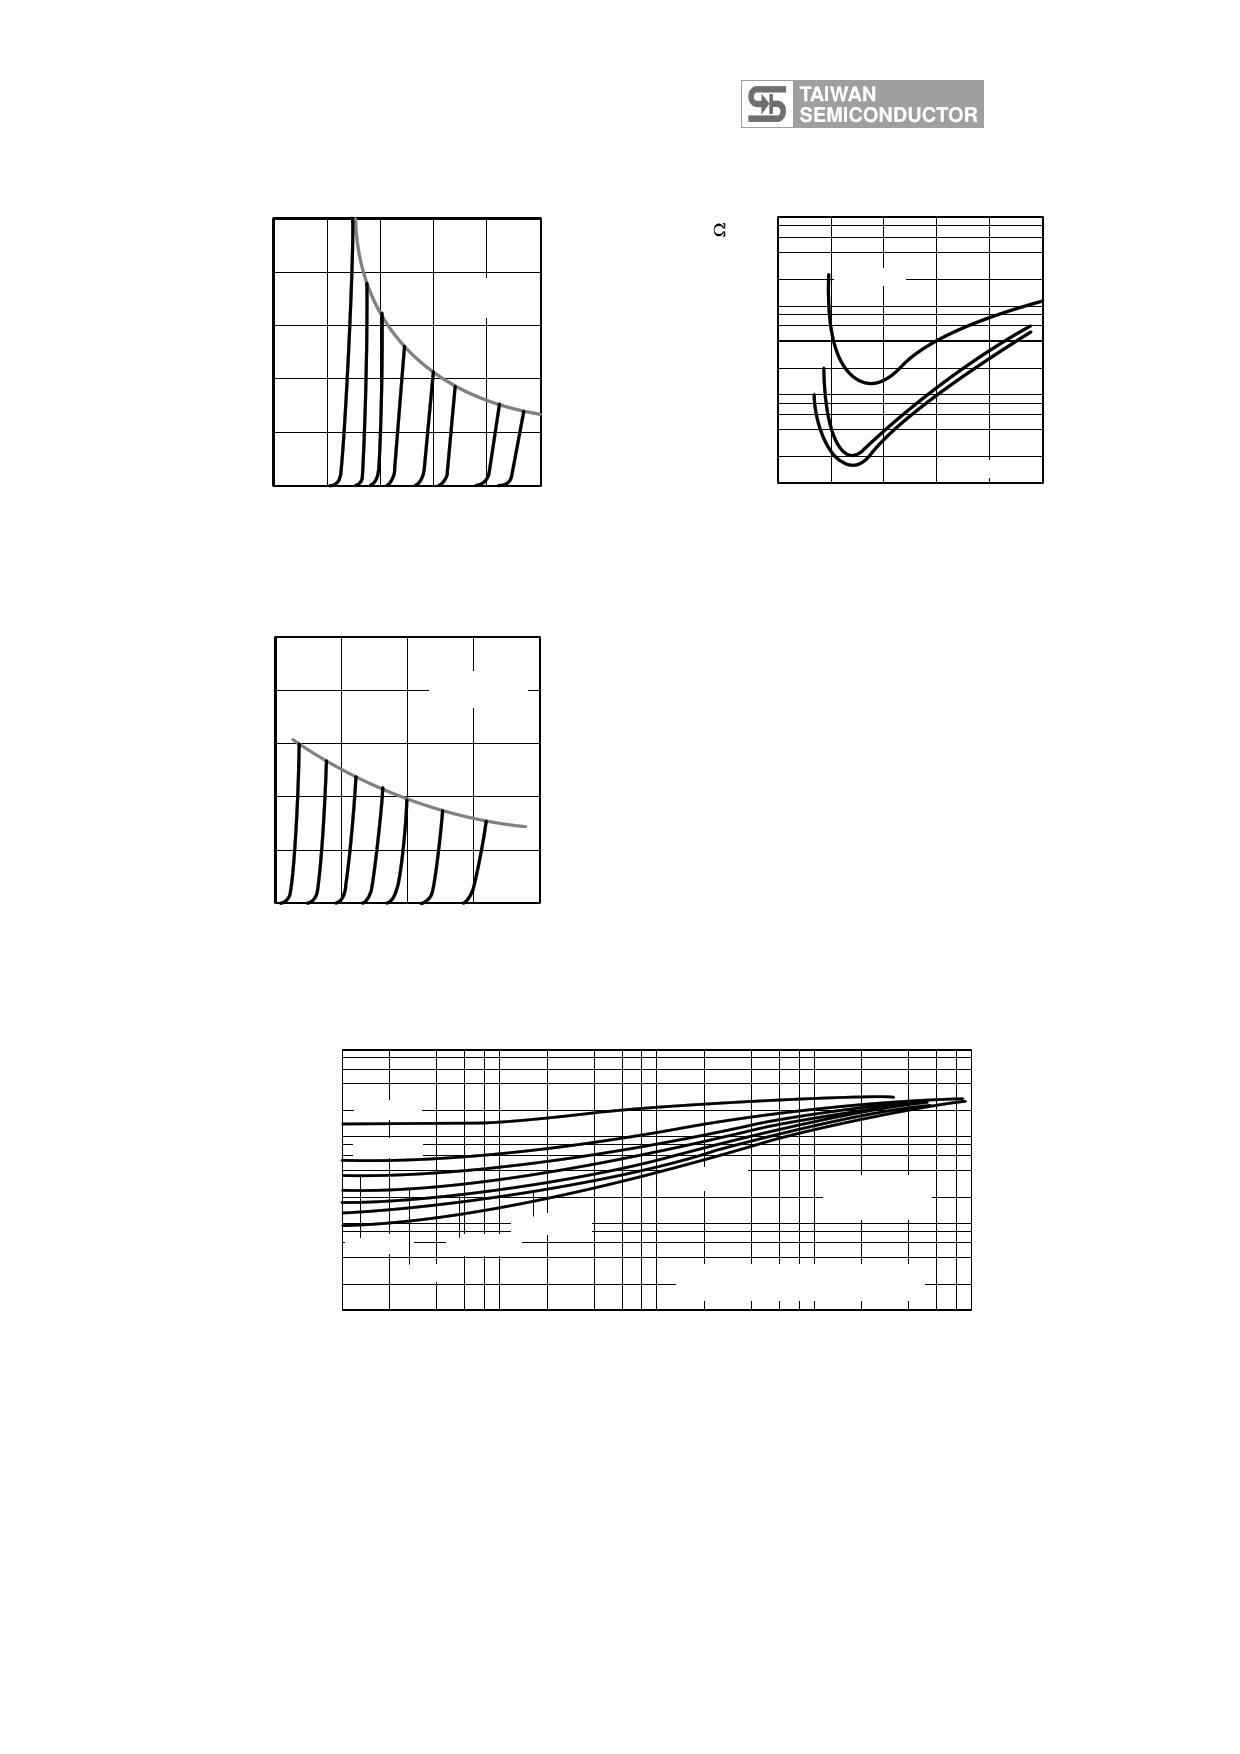 BZV55B20 pdf, ピン配列